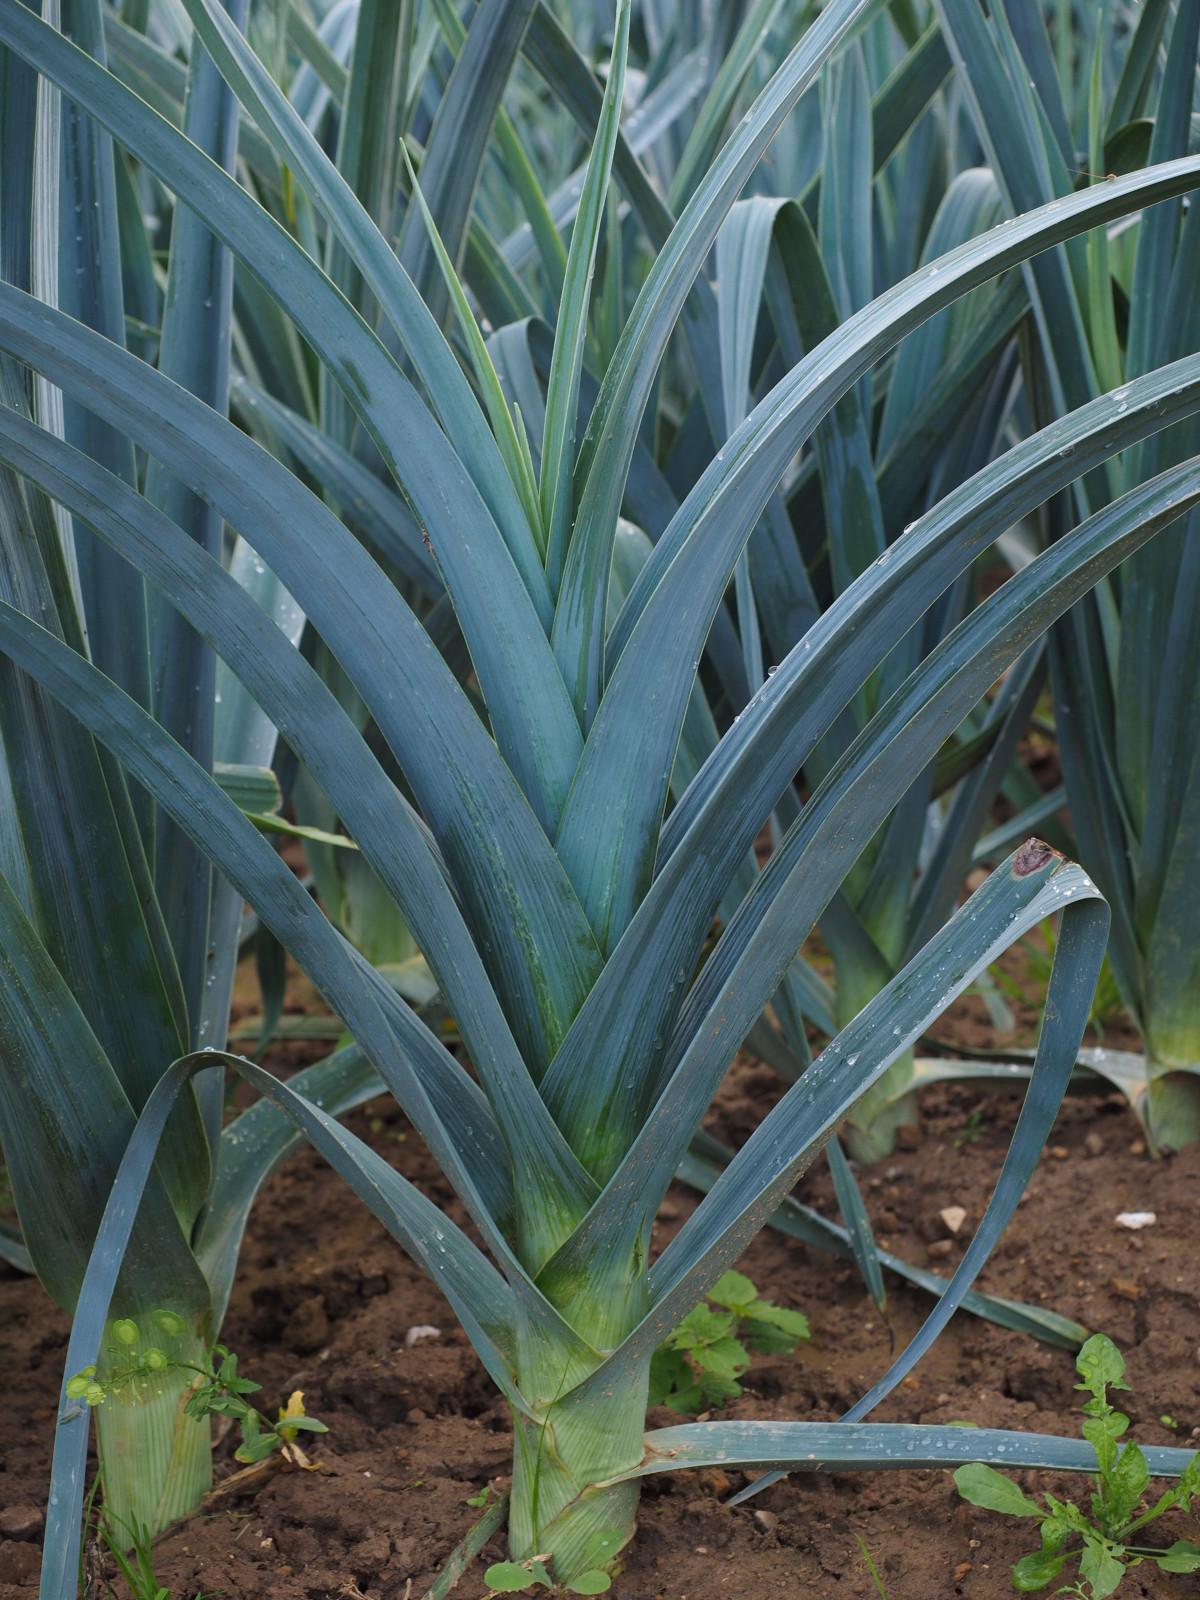 Aloe In Giardino immagini belle : fiore, produrre, biologia, botanica